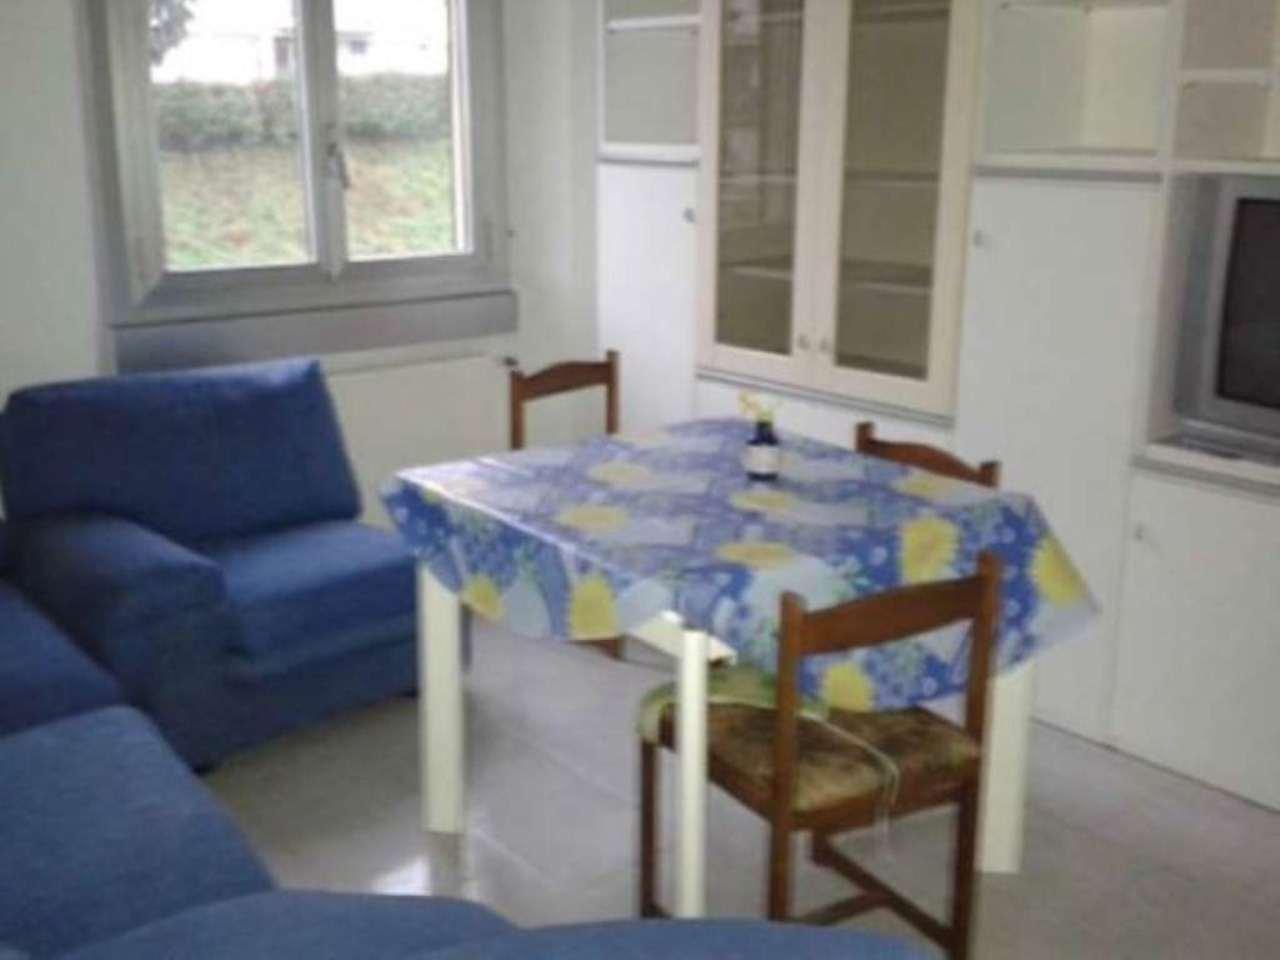 Appartamento in vendita a Como, 2 locali, zona Zona: 5 . Borghi, prezzo € 92.000 | Cambio Casa.it